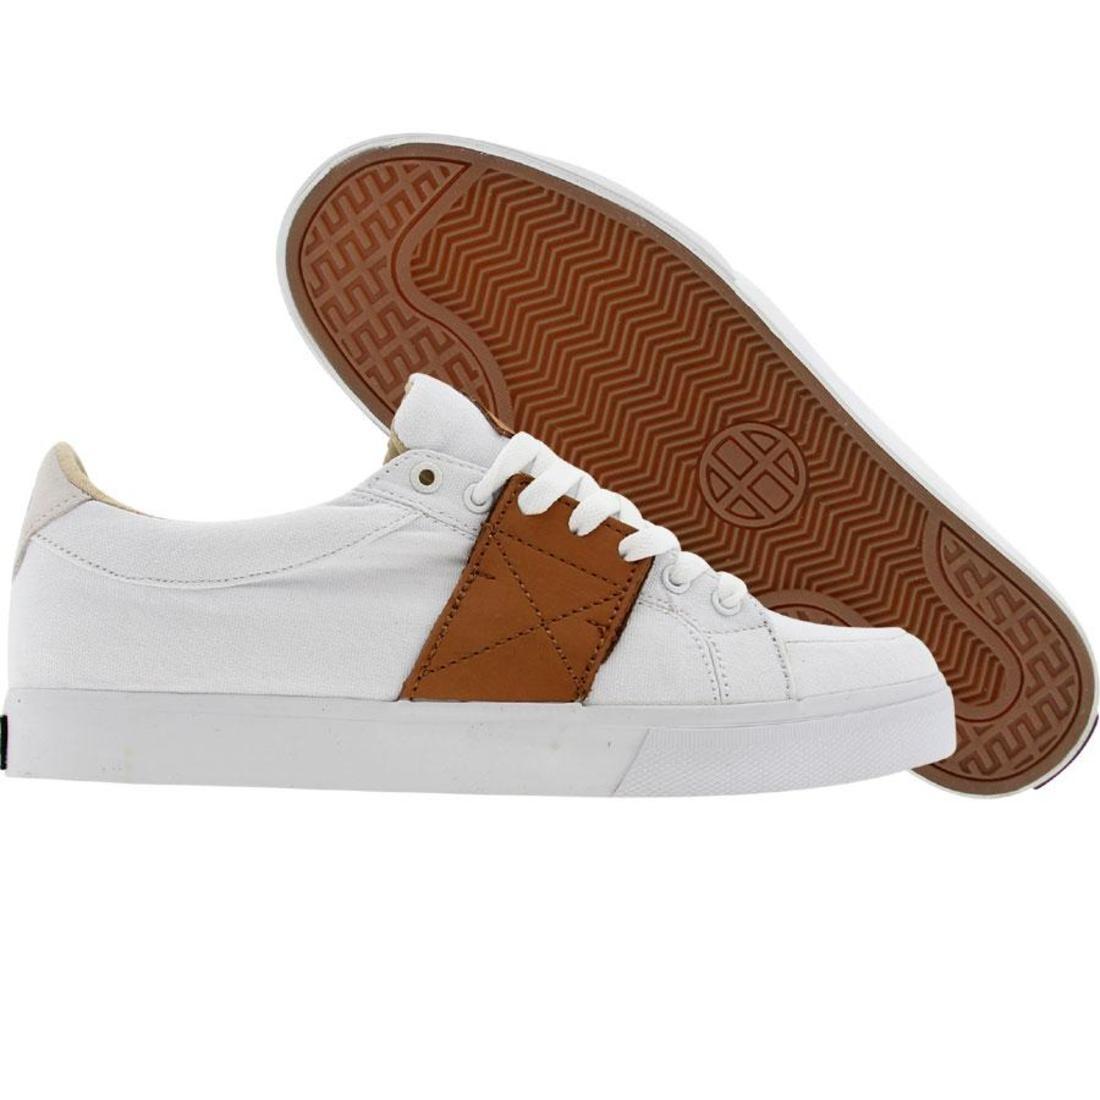 【海外限定】ハフ メンズ靴 靴 【 HUF TAHOE BONE 】